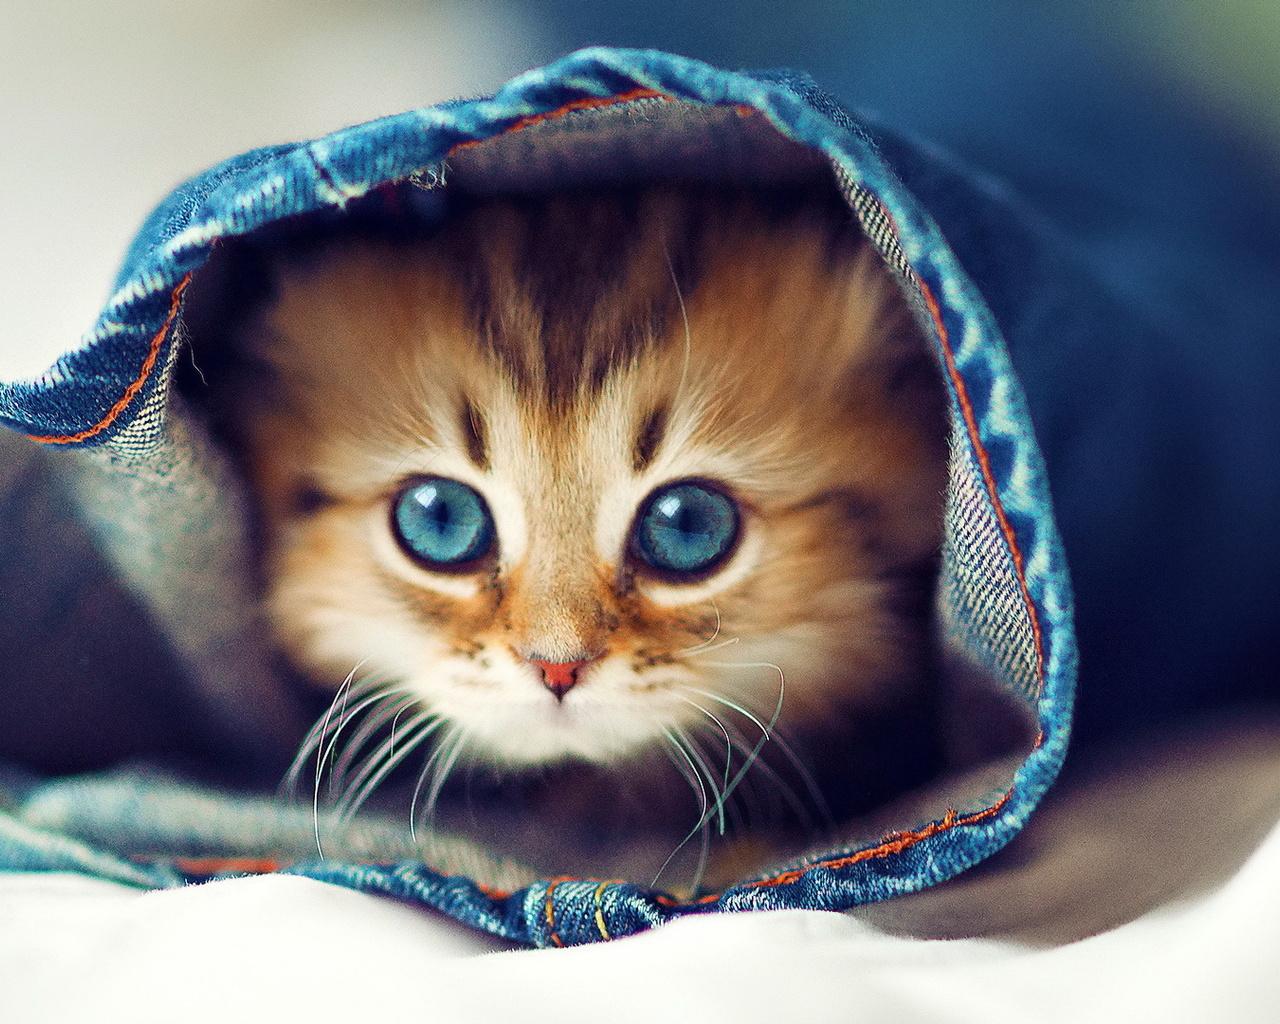 Картинки с очень милыми котятами